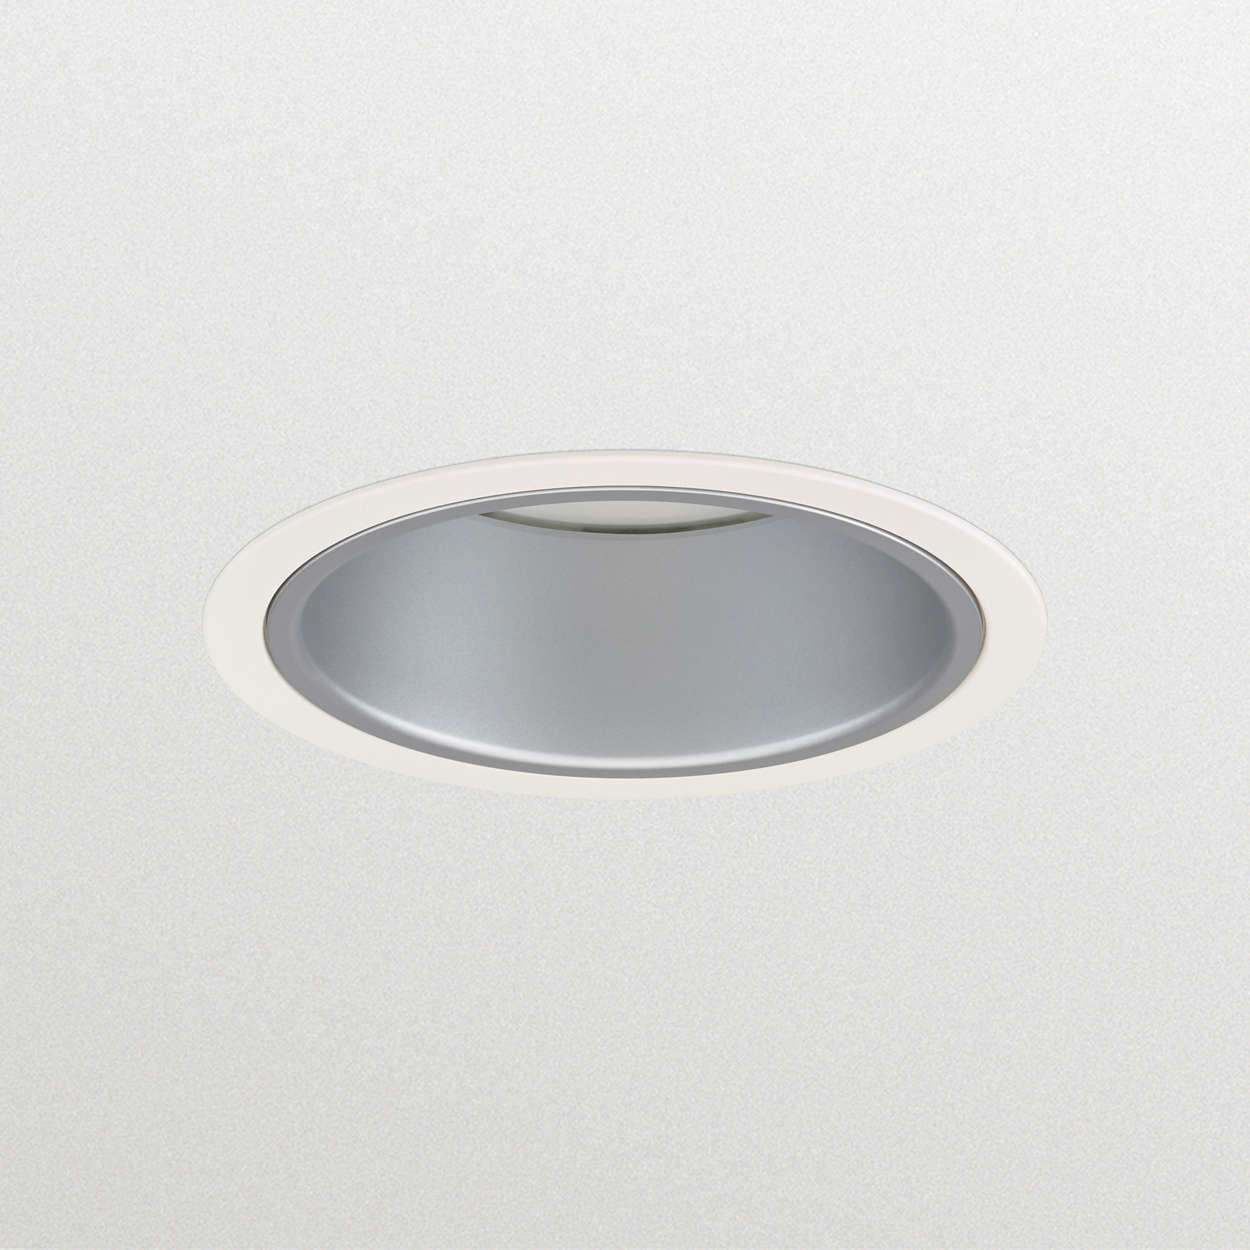 LuxSpace empotrada: alta eficiencia, comodidad visual y elegante diseño